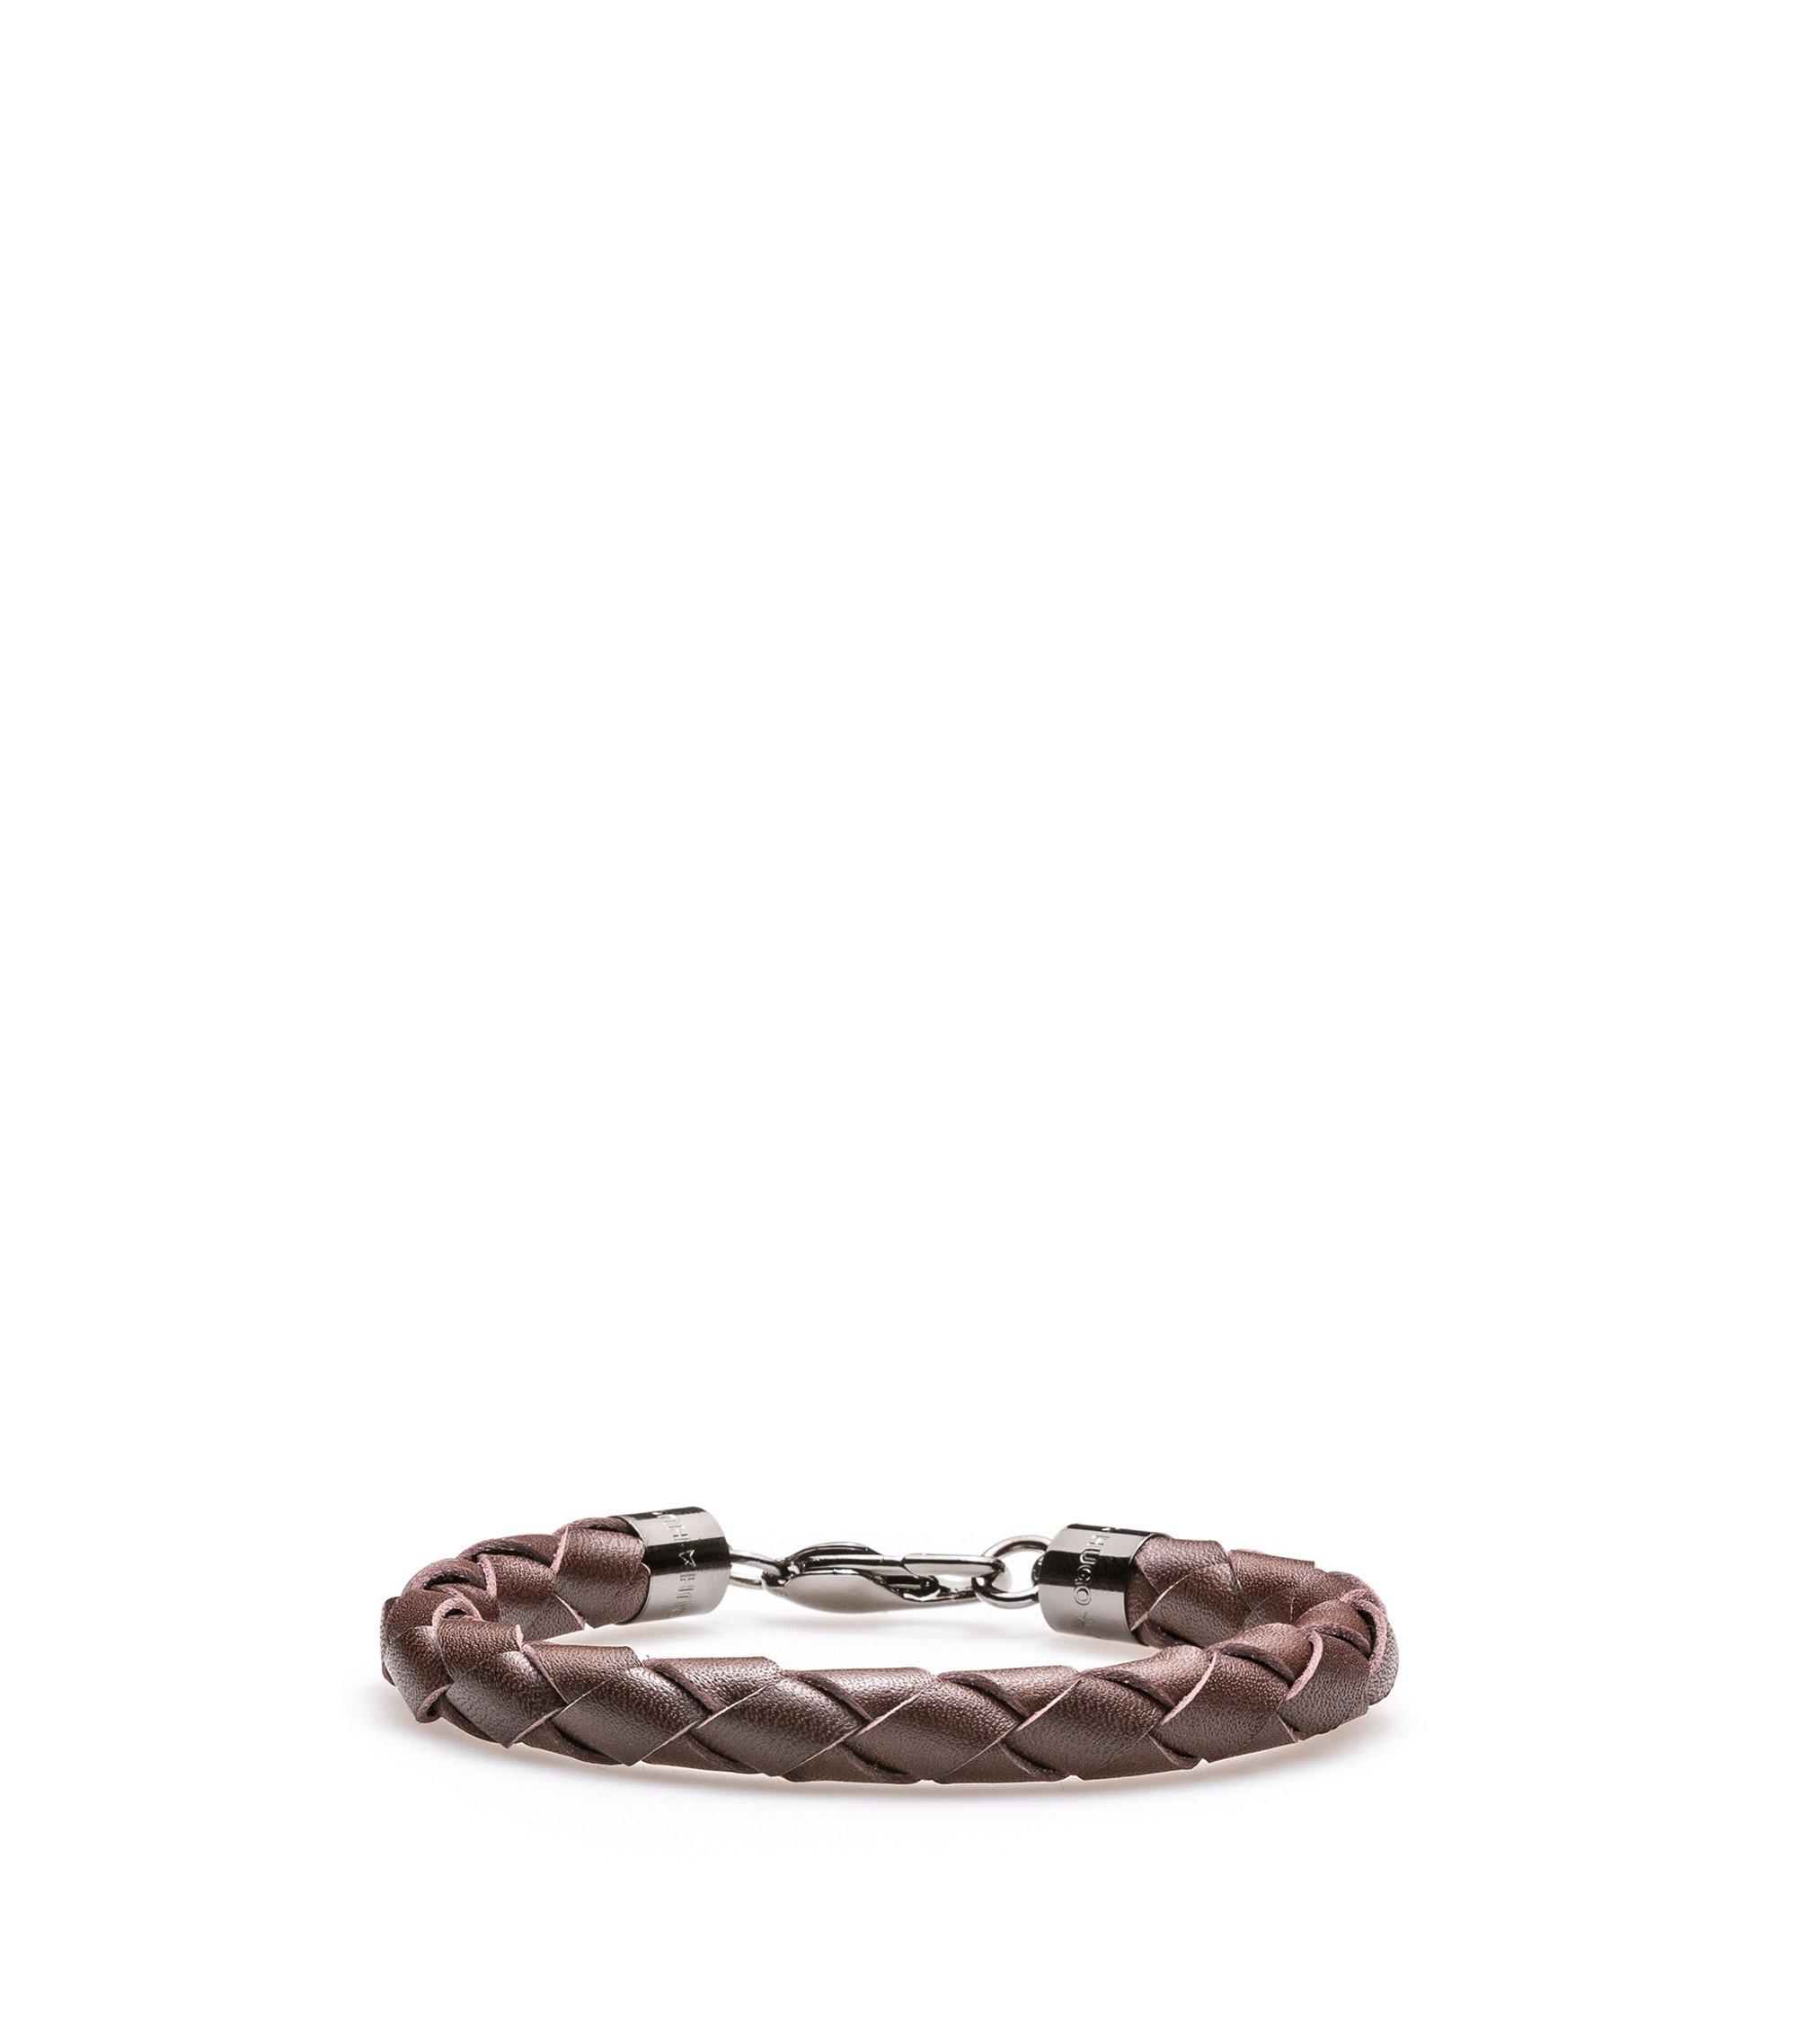 Geflochtenes Armband aus italienischem Leder, Dunkelbraun